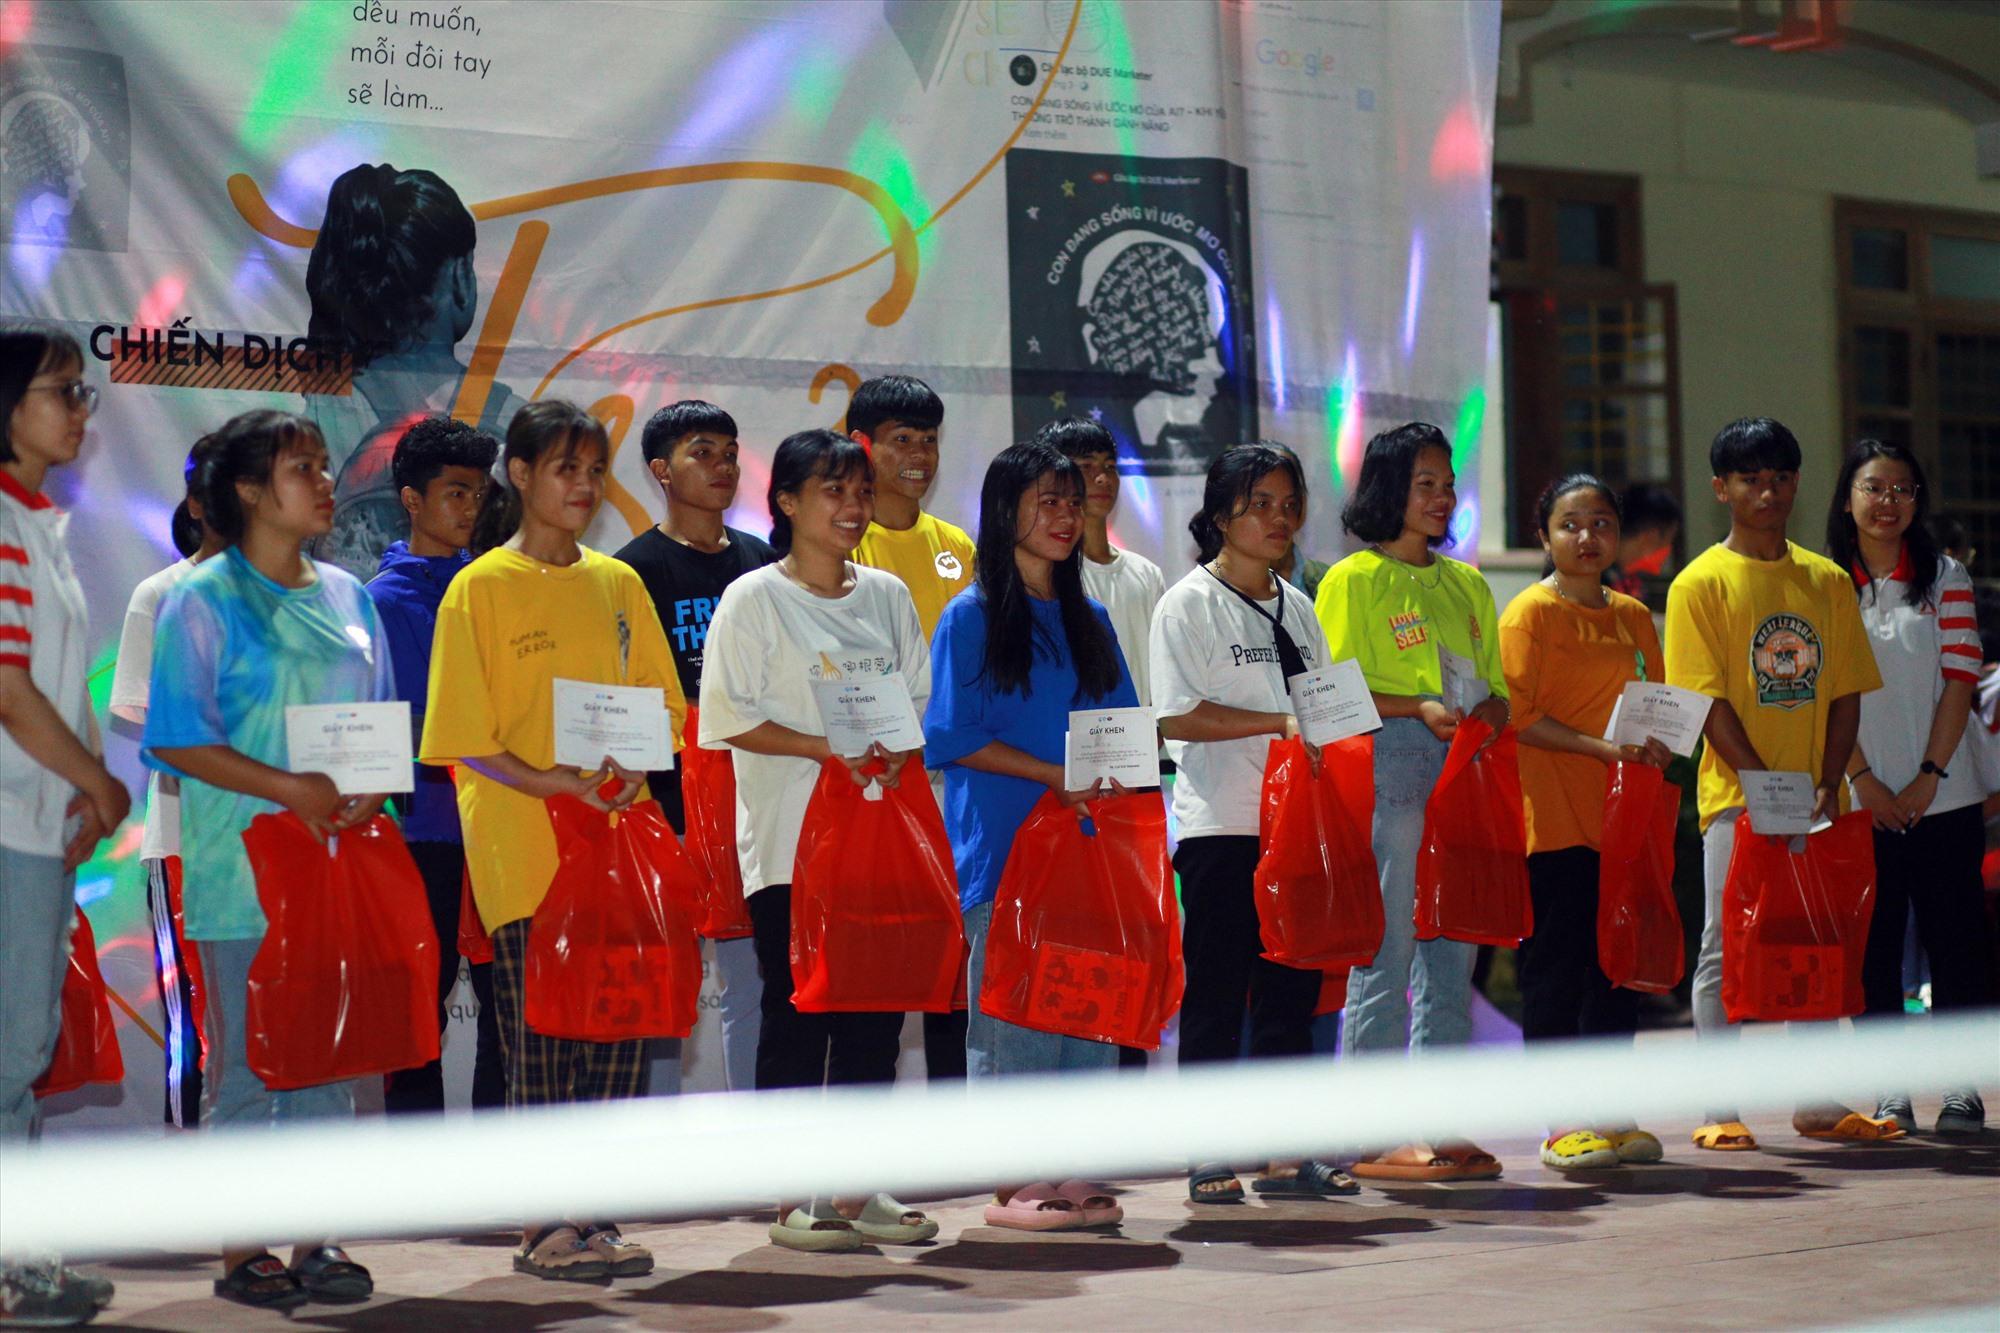 Câu lạc bộ DUE Marketer tặng quà học sinh khó khăn của Trường THPT Tây Giang. Ảnh: THIÊN THƯ